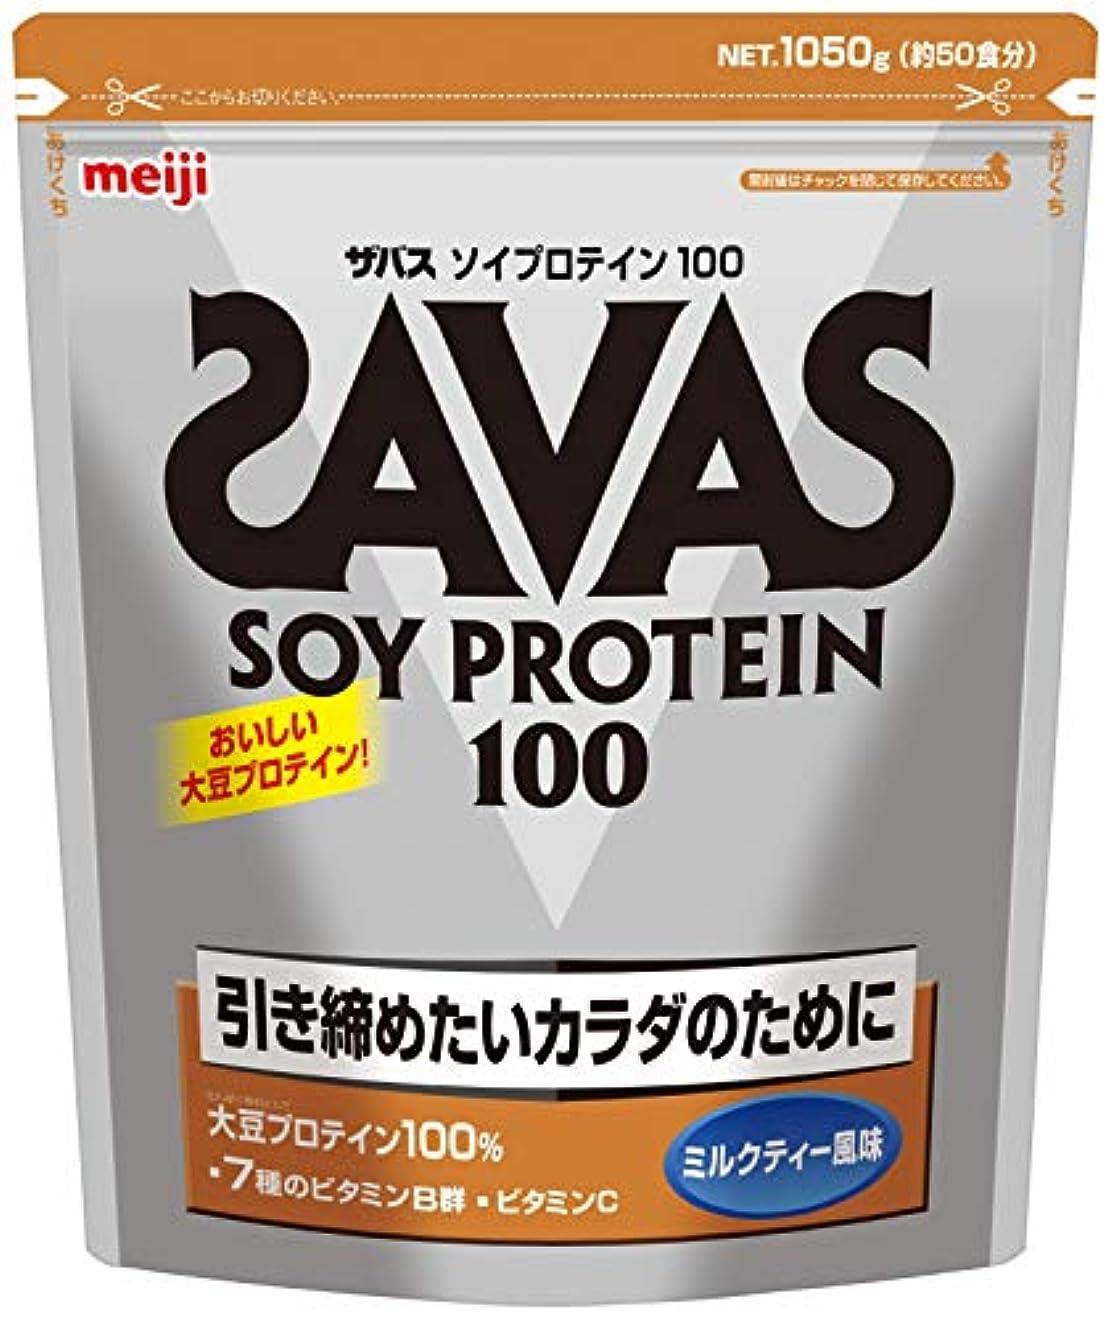 札入れ医薬無効にするザバス(SAVAS) ソイプロテイン100+ビタミン ミルクティー風味 【50食分】 1,050g